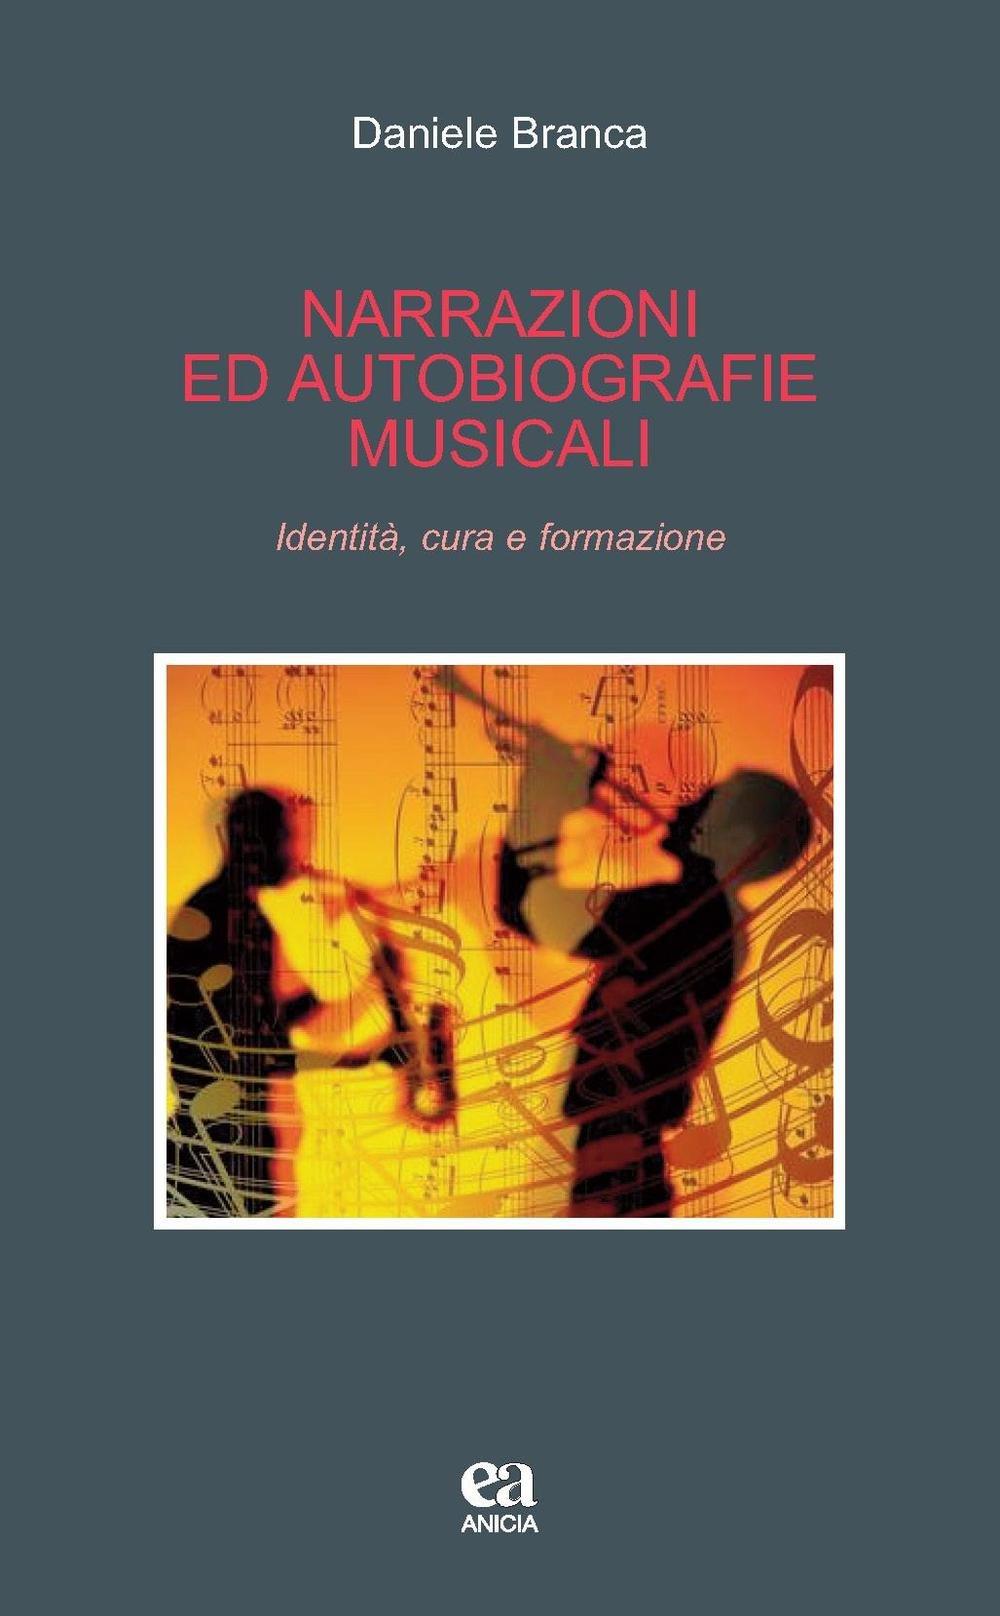 Narrazioni e autobiografie musicali. Identità, cura e formazione